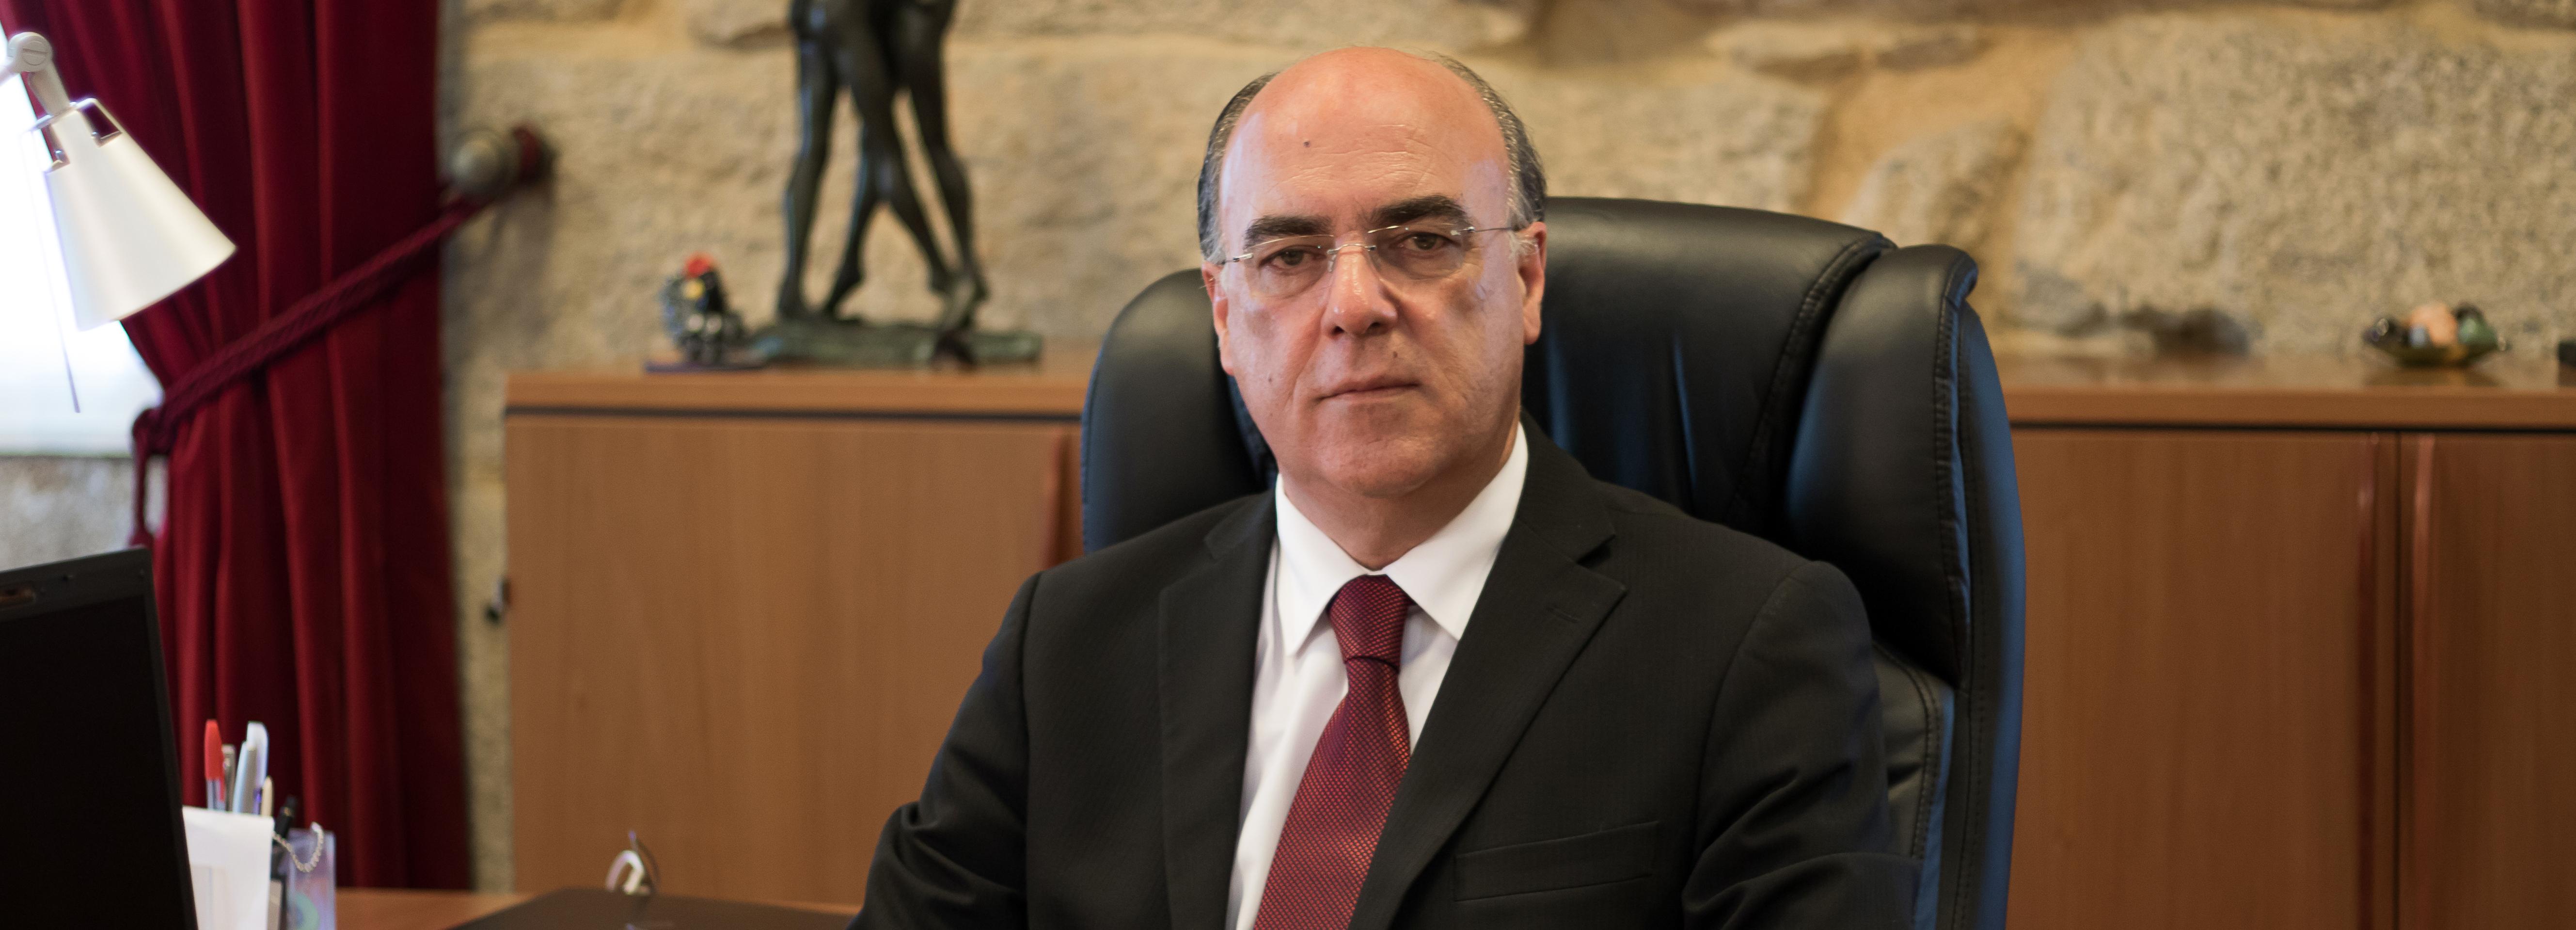 Presidente da Câmara felicita Escola Básica e Secundária Vila Cova pelos resultados obtidos no ranking alternativo do ensino secundário